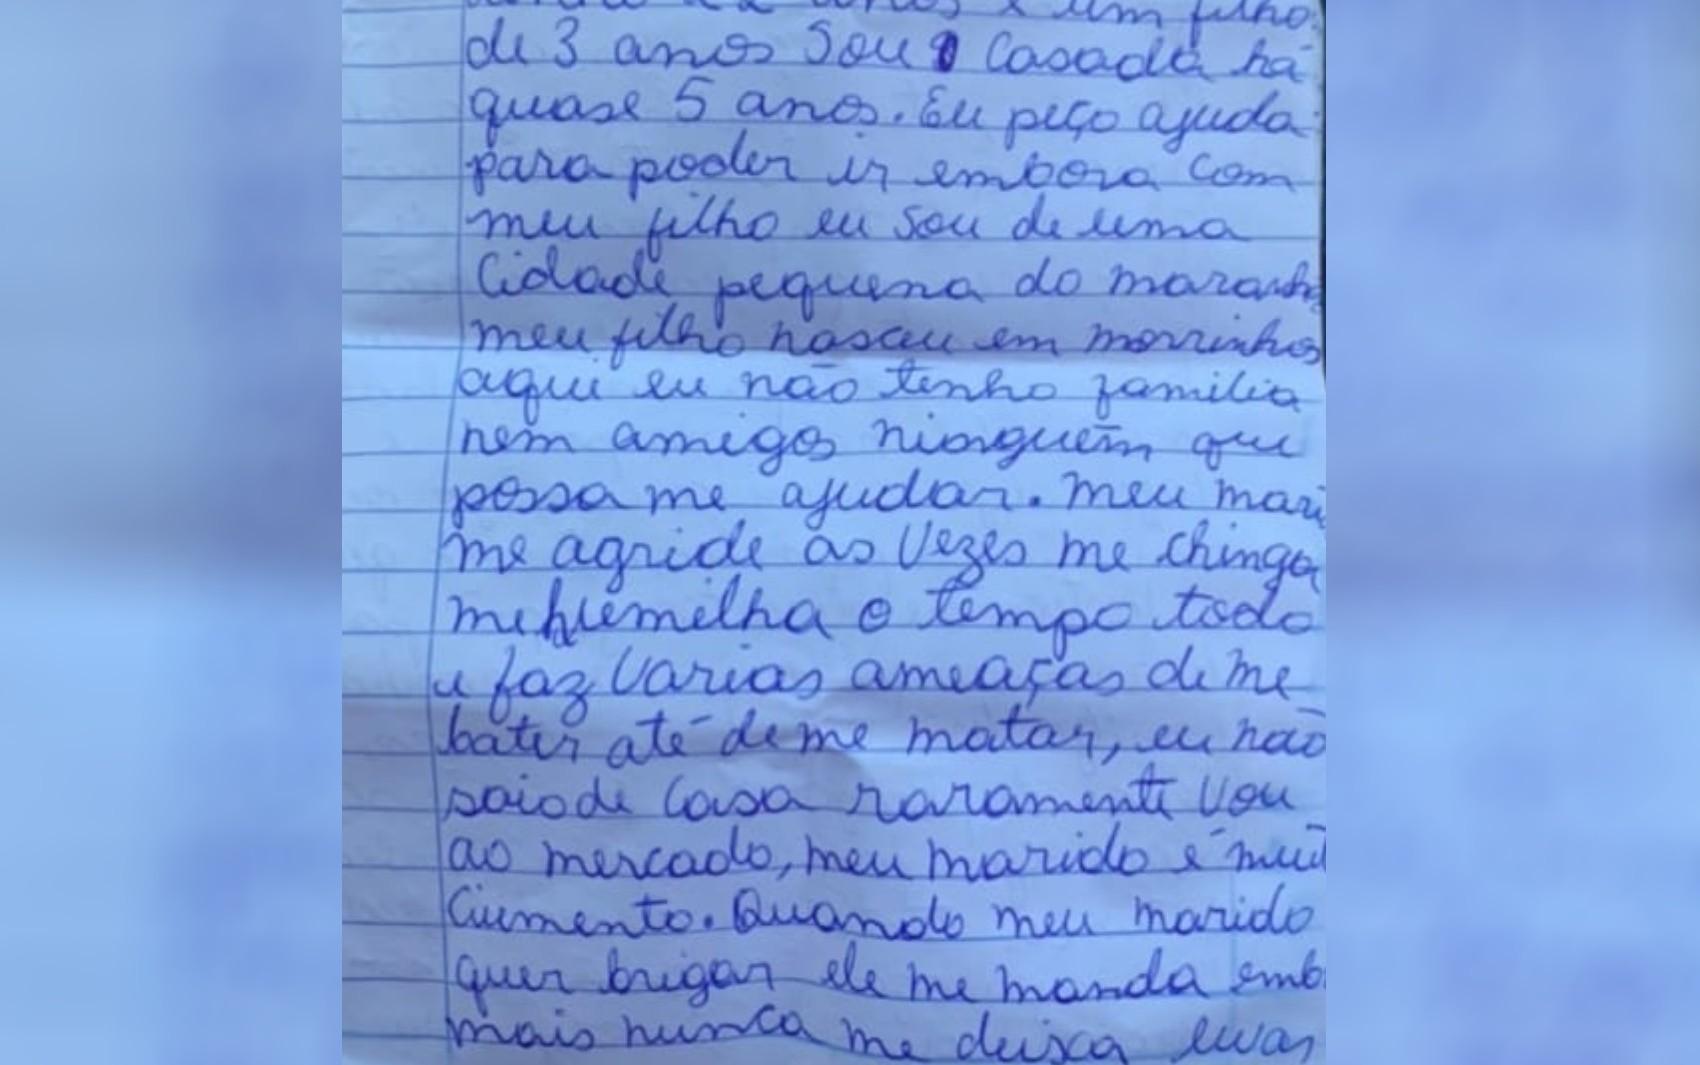 Homem é preso após esposa escrever carta pedindo por socorro: 'Não quero mais apanhar'